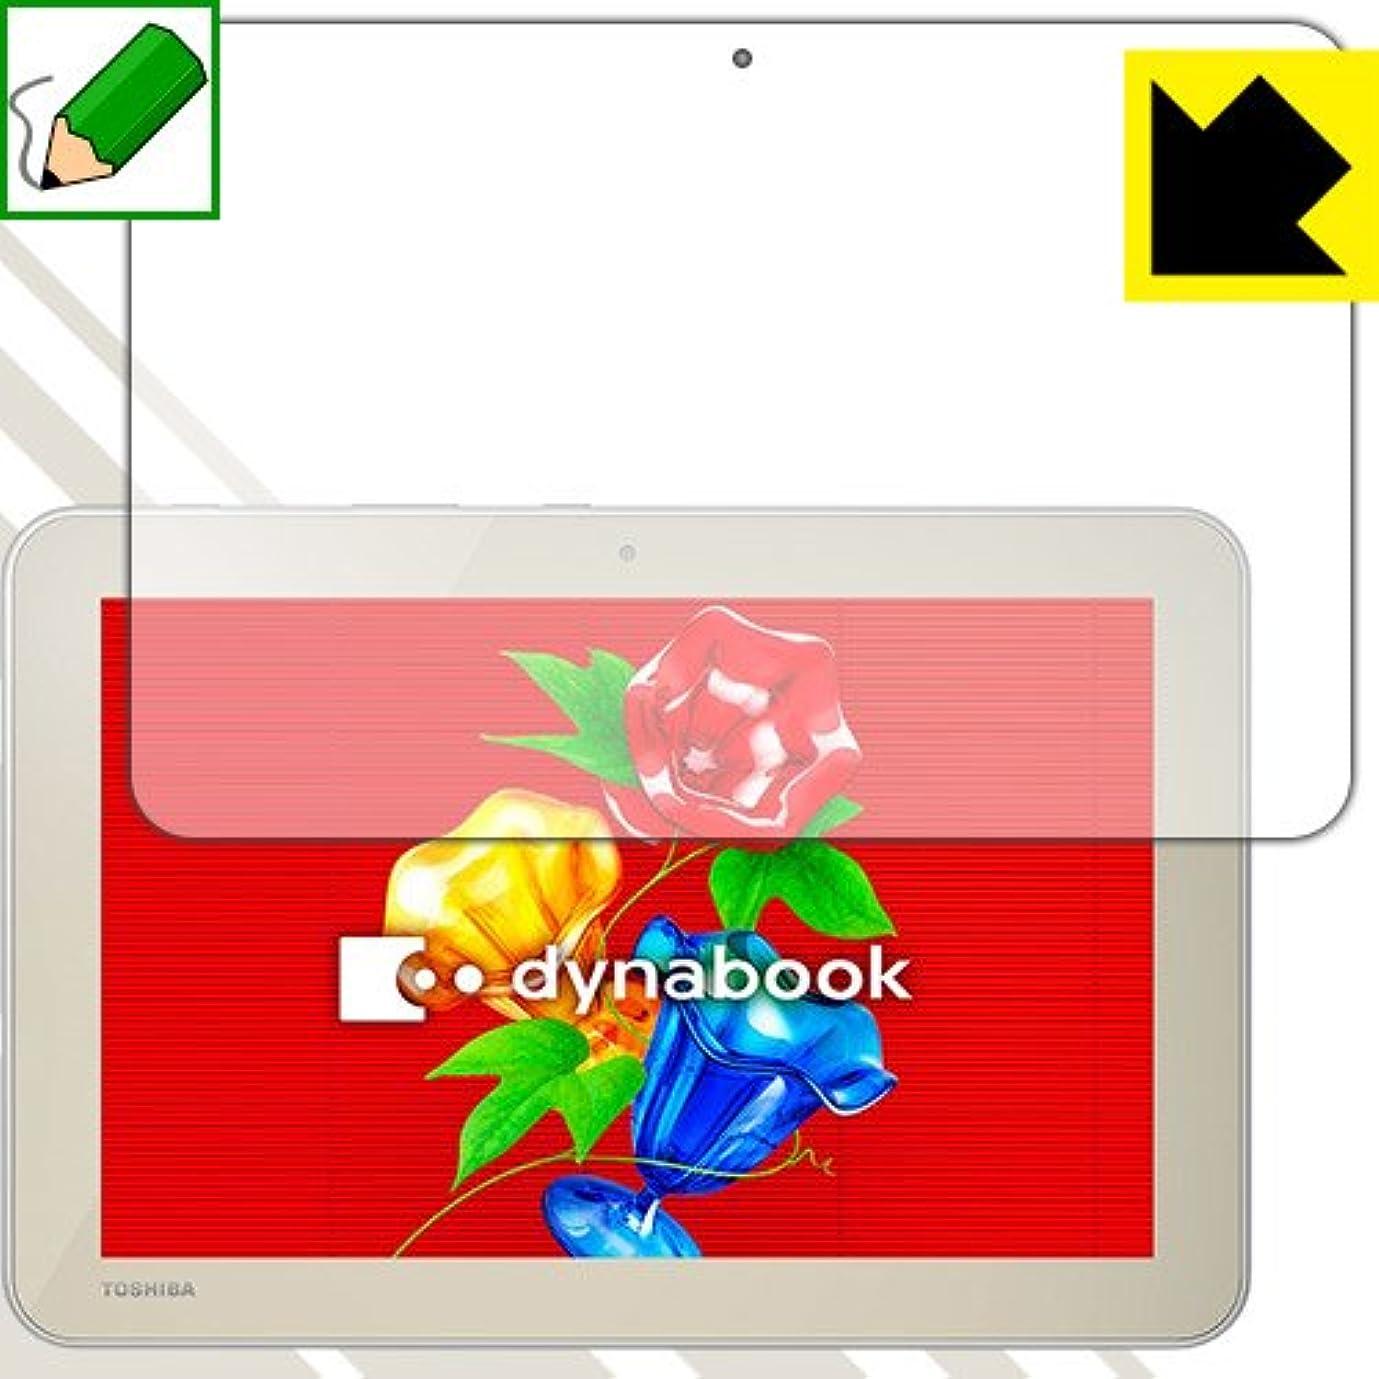 無意識無意識十分ではないPDA工房 特殊処理で紙のような描き心地を実現 ペーパーライク保護フィルム dynabook Tab S90?S80?S50 120PDA60048035